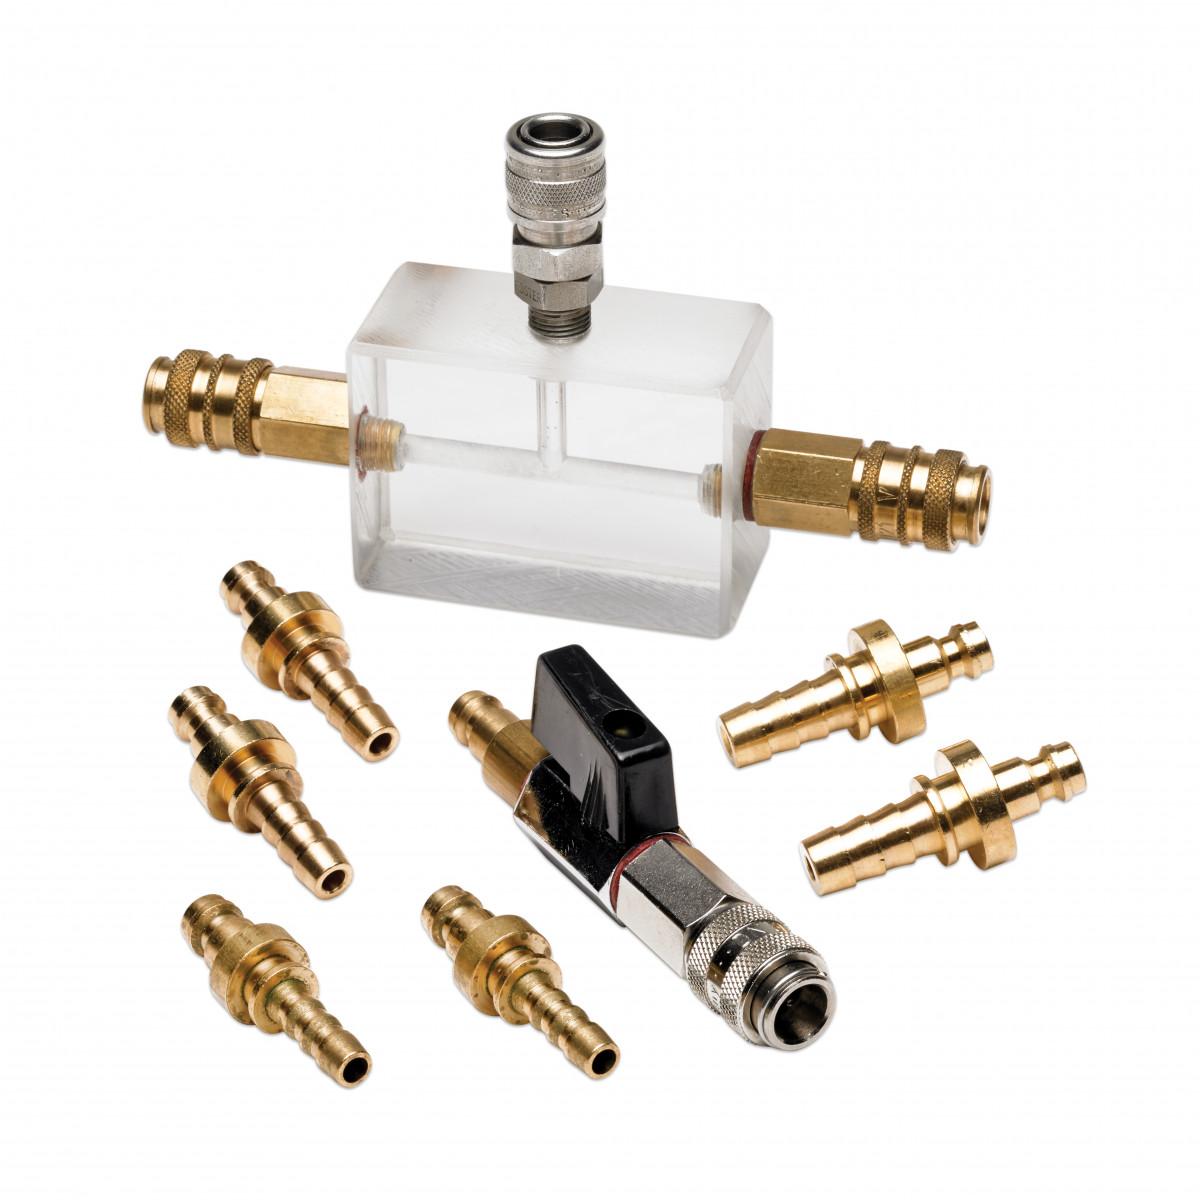 dd68518f4565 WPS600 Hydraulic Pressure Transducer